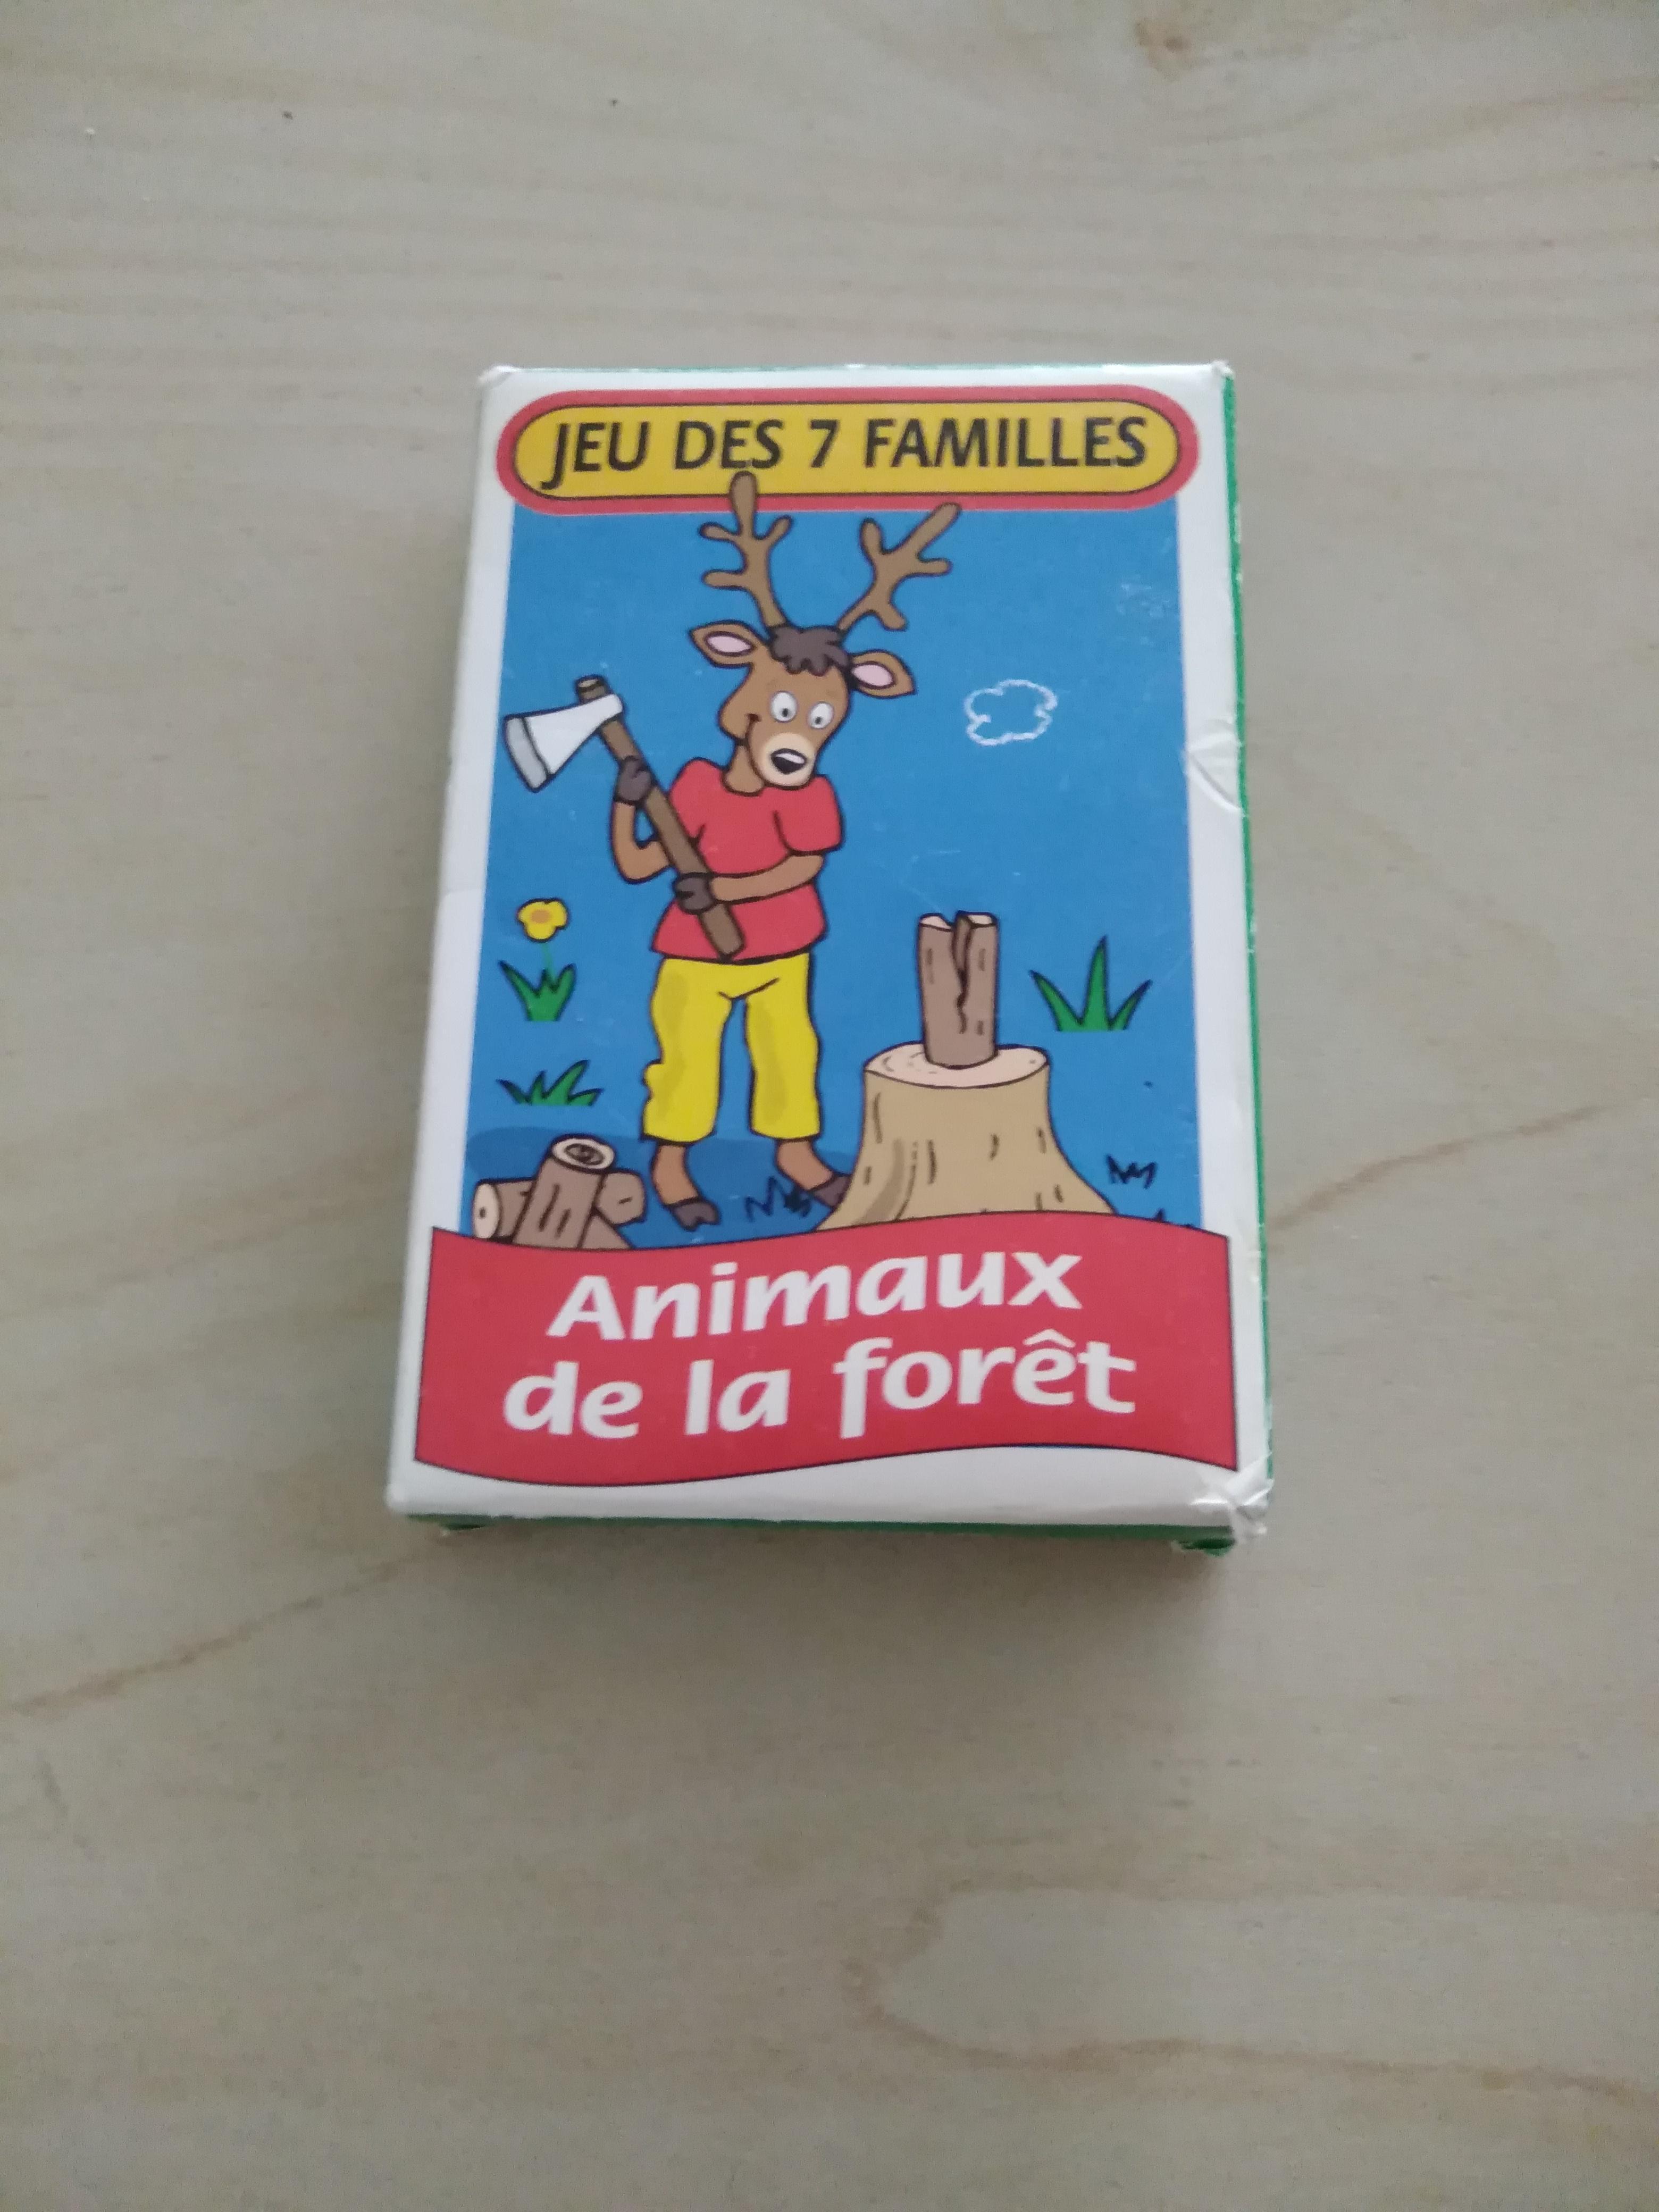 troc de troc jeu 7 familles animaux de la forêt image 0